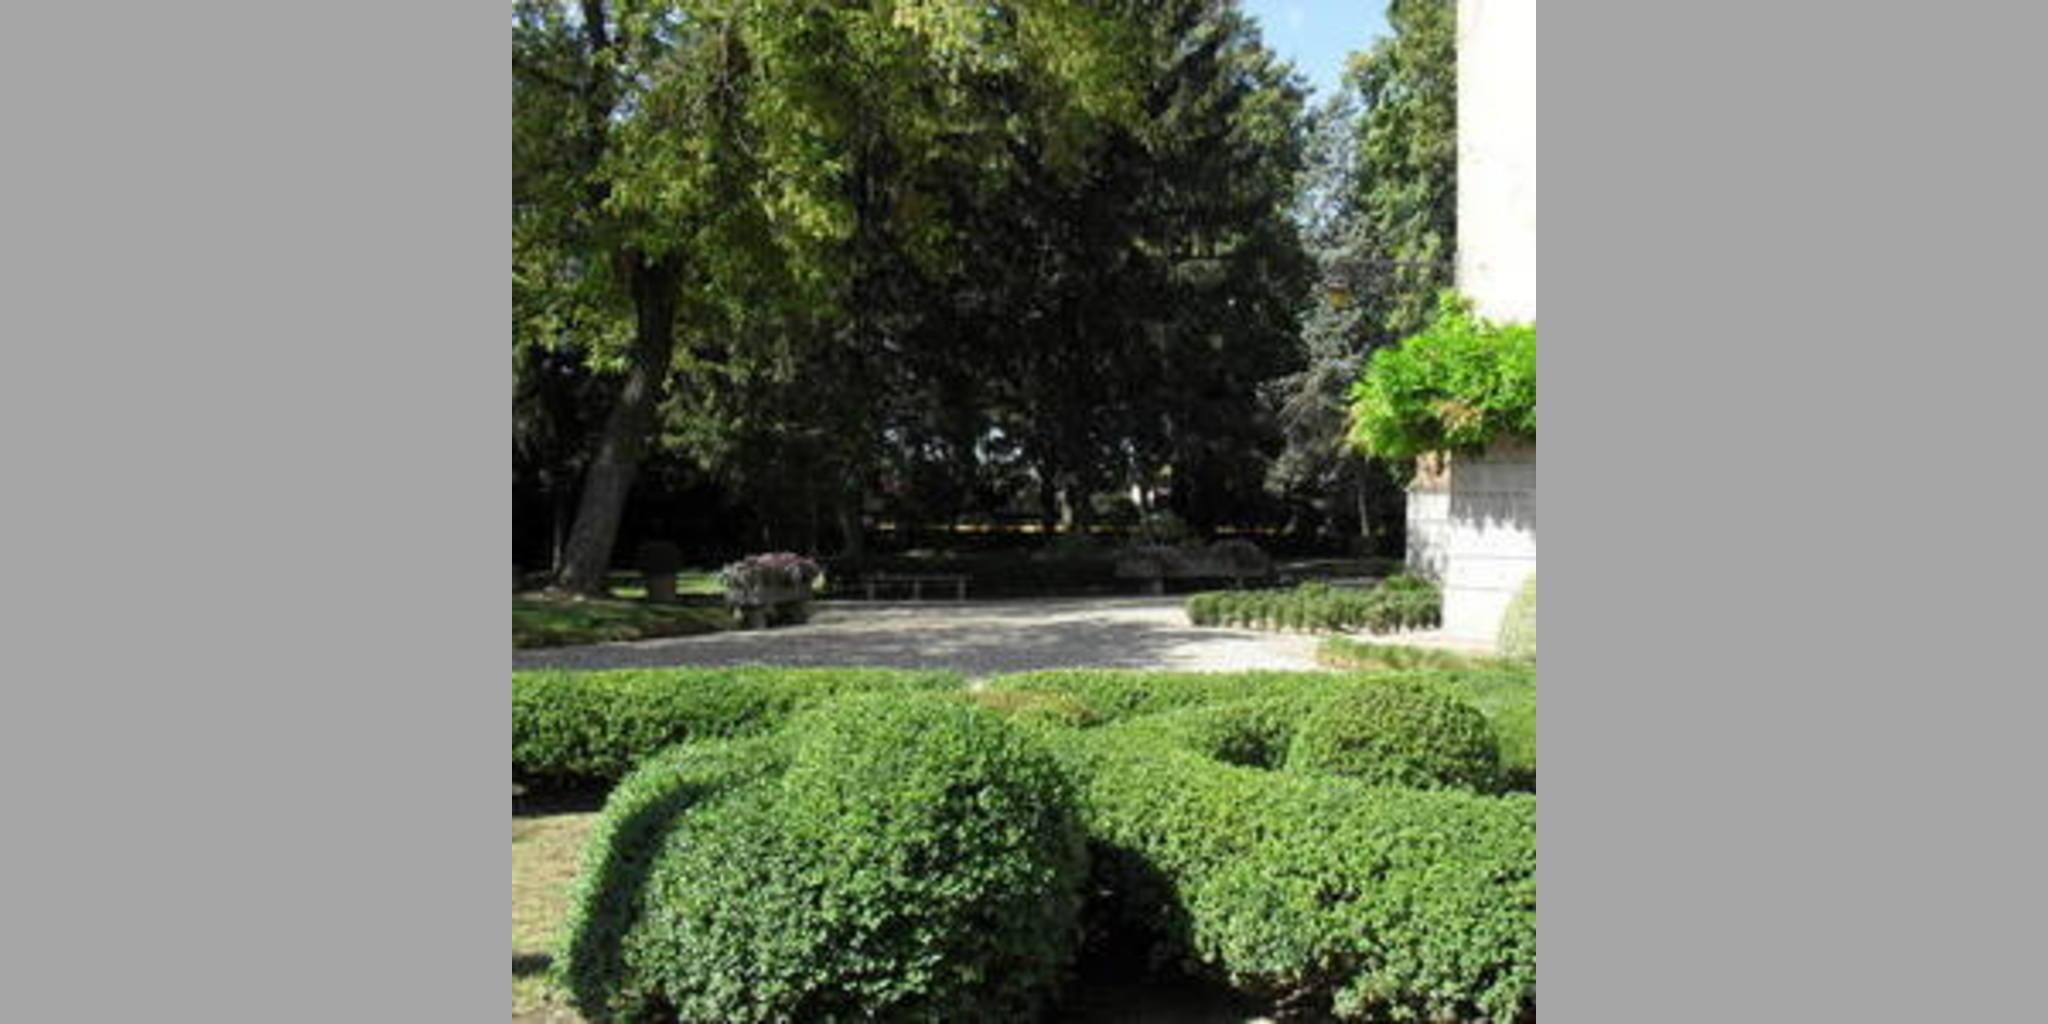 Suite Resort Castelvetro Piacentino - Piacena_Castelvetro Piacentino